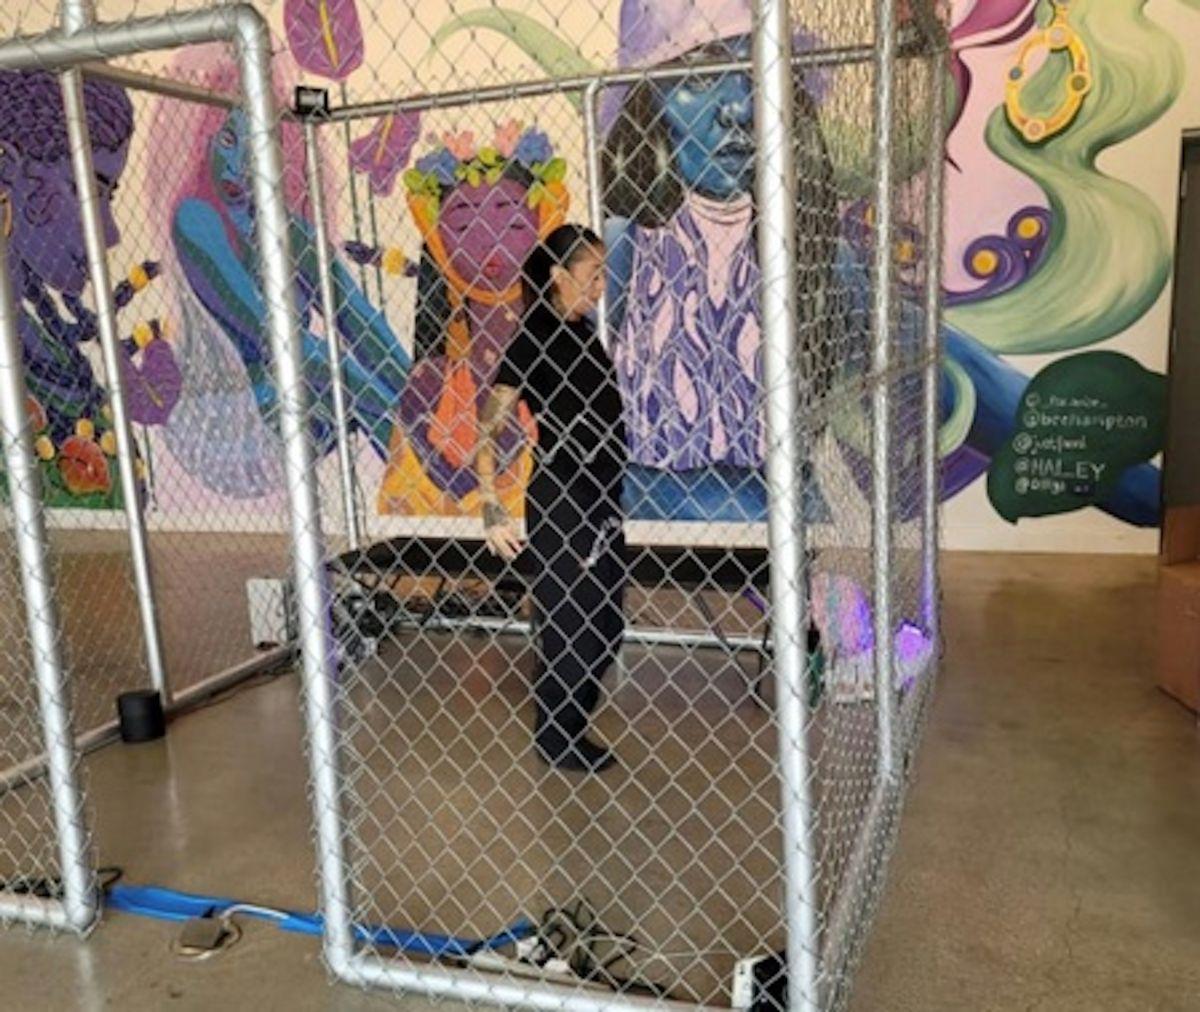 Proyecto Mariposa, el cual es una instalación de arte de una semana que llama la atención sobre la crisis fronteriza. Foto Cortesía Cecilia Garcia